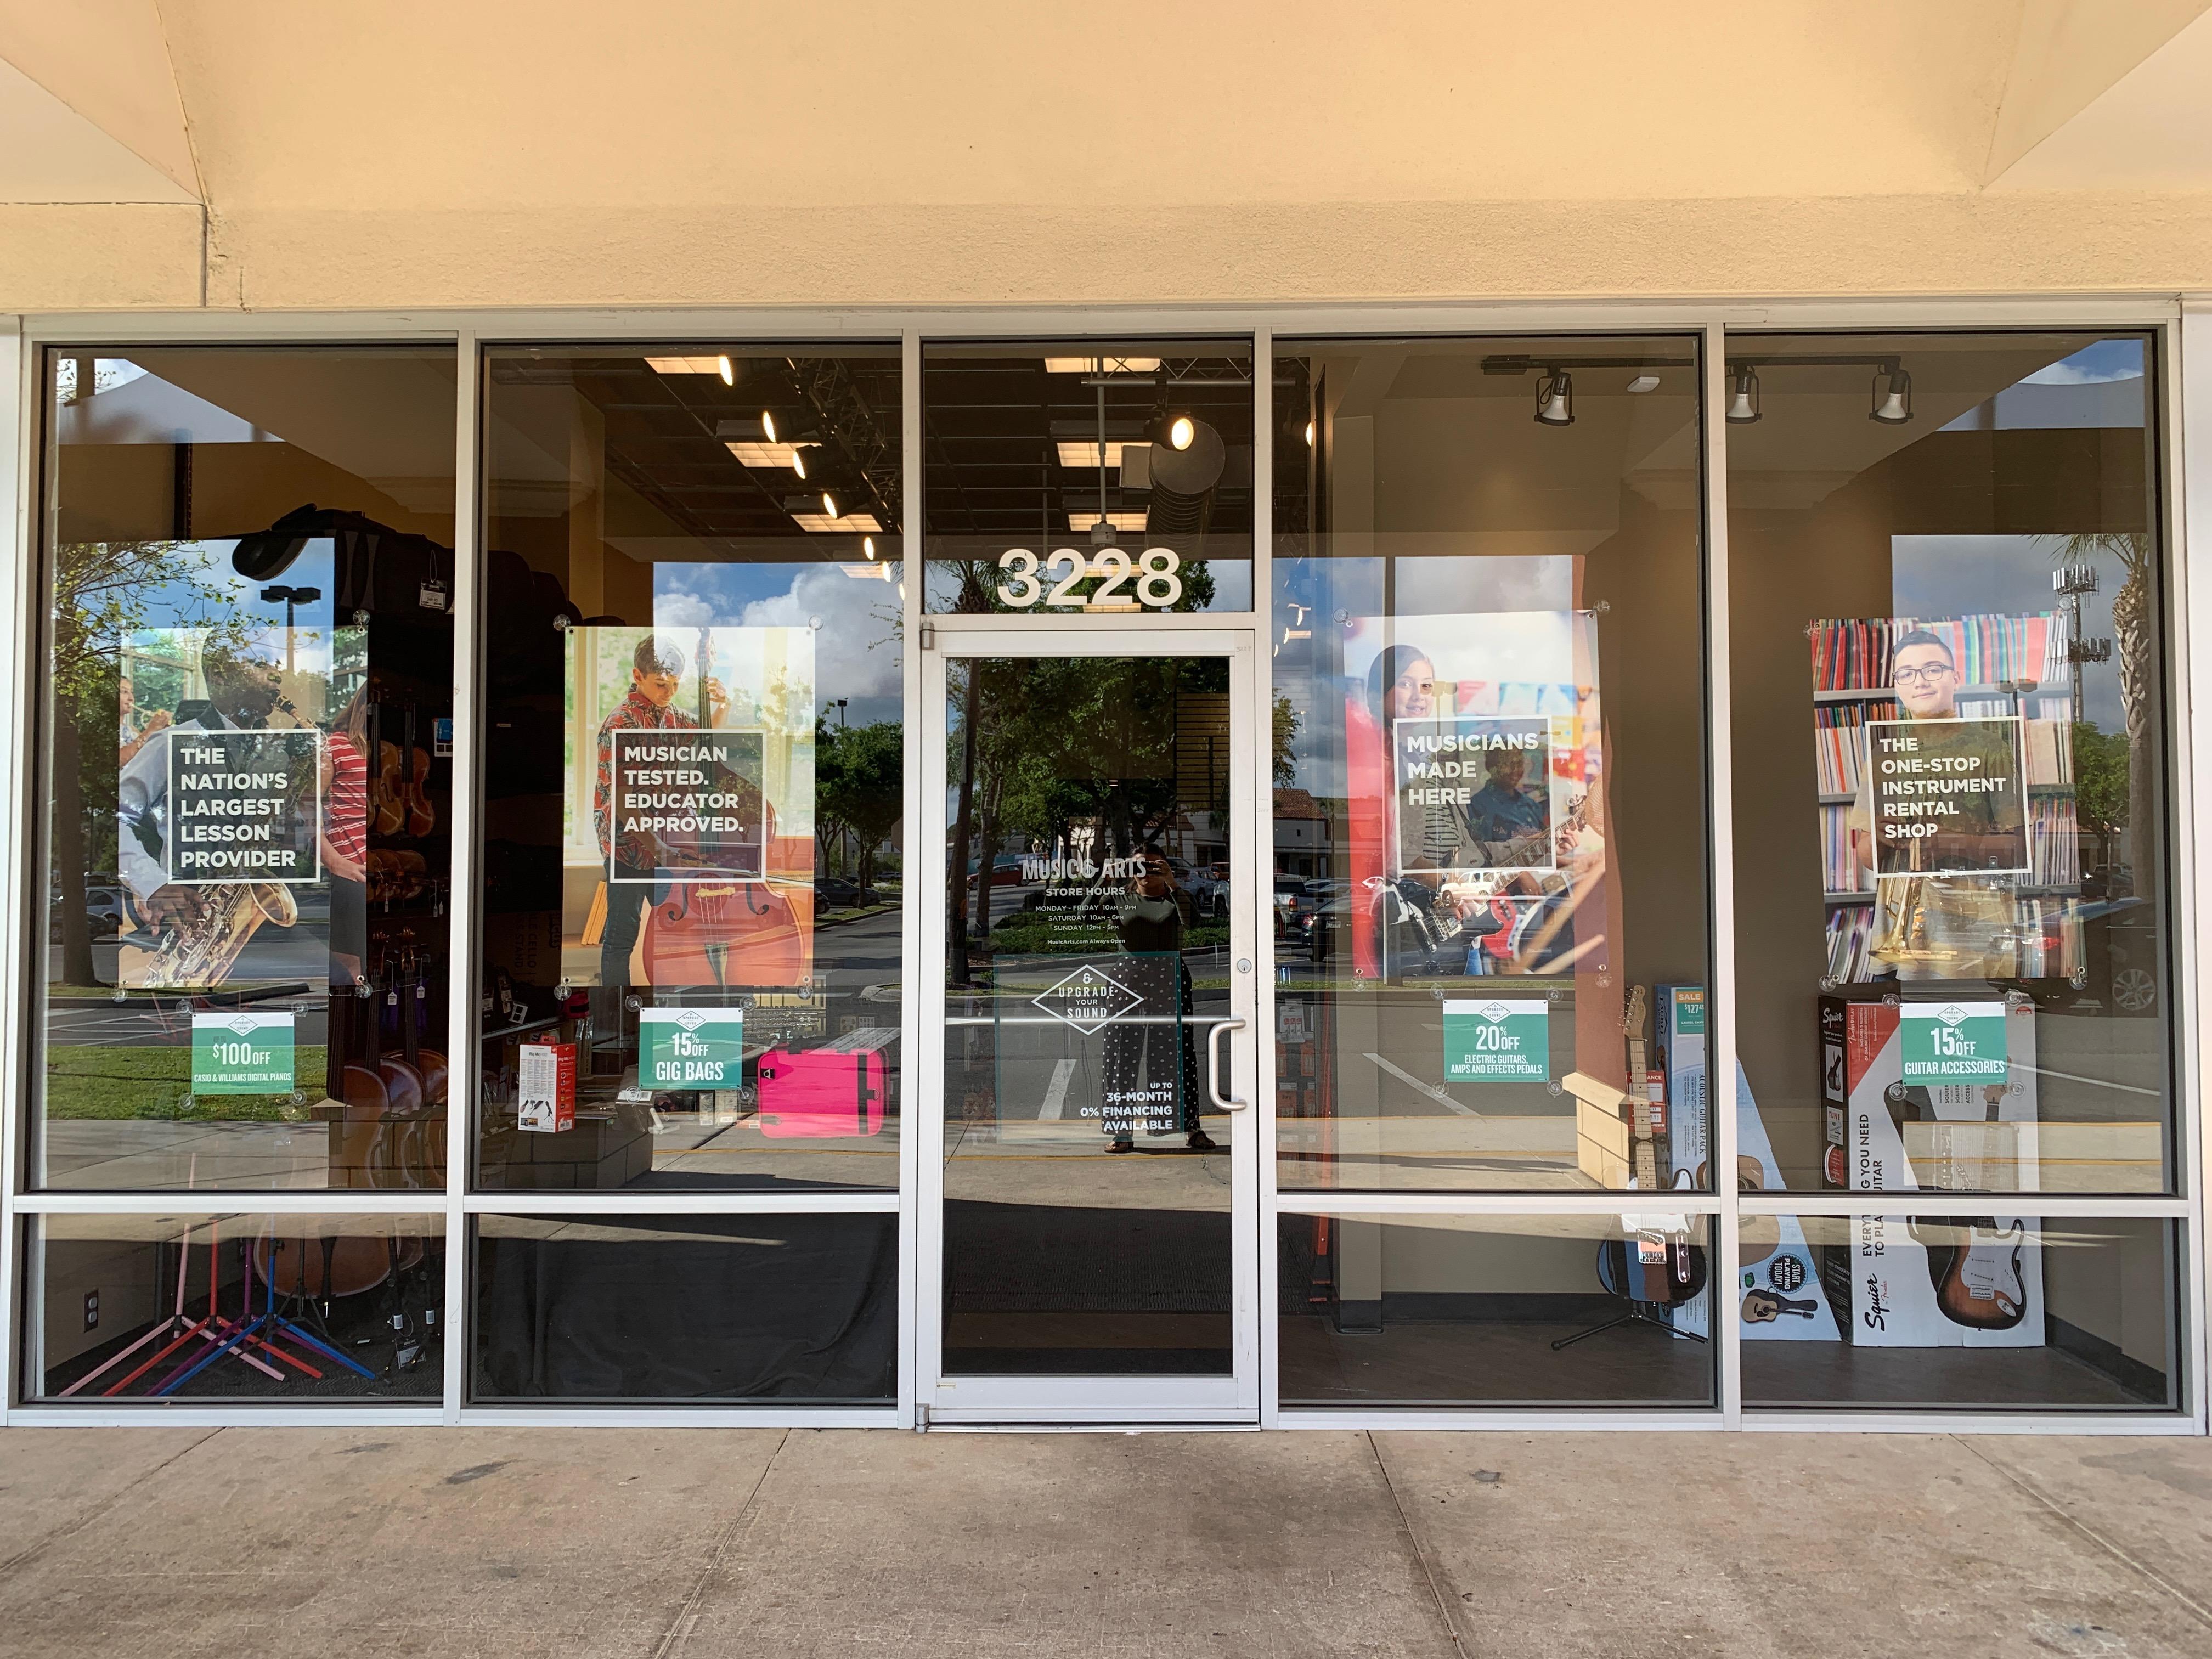 Music Stores Gainesville : instrument rentals music lessons in gainesville fl music arts ~ Hamham.info Haus und Dekorationen